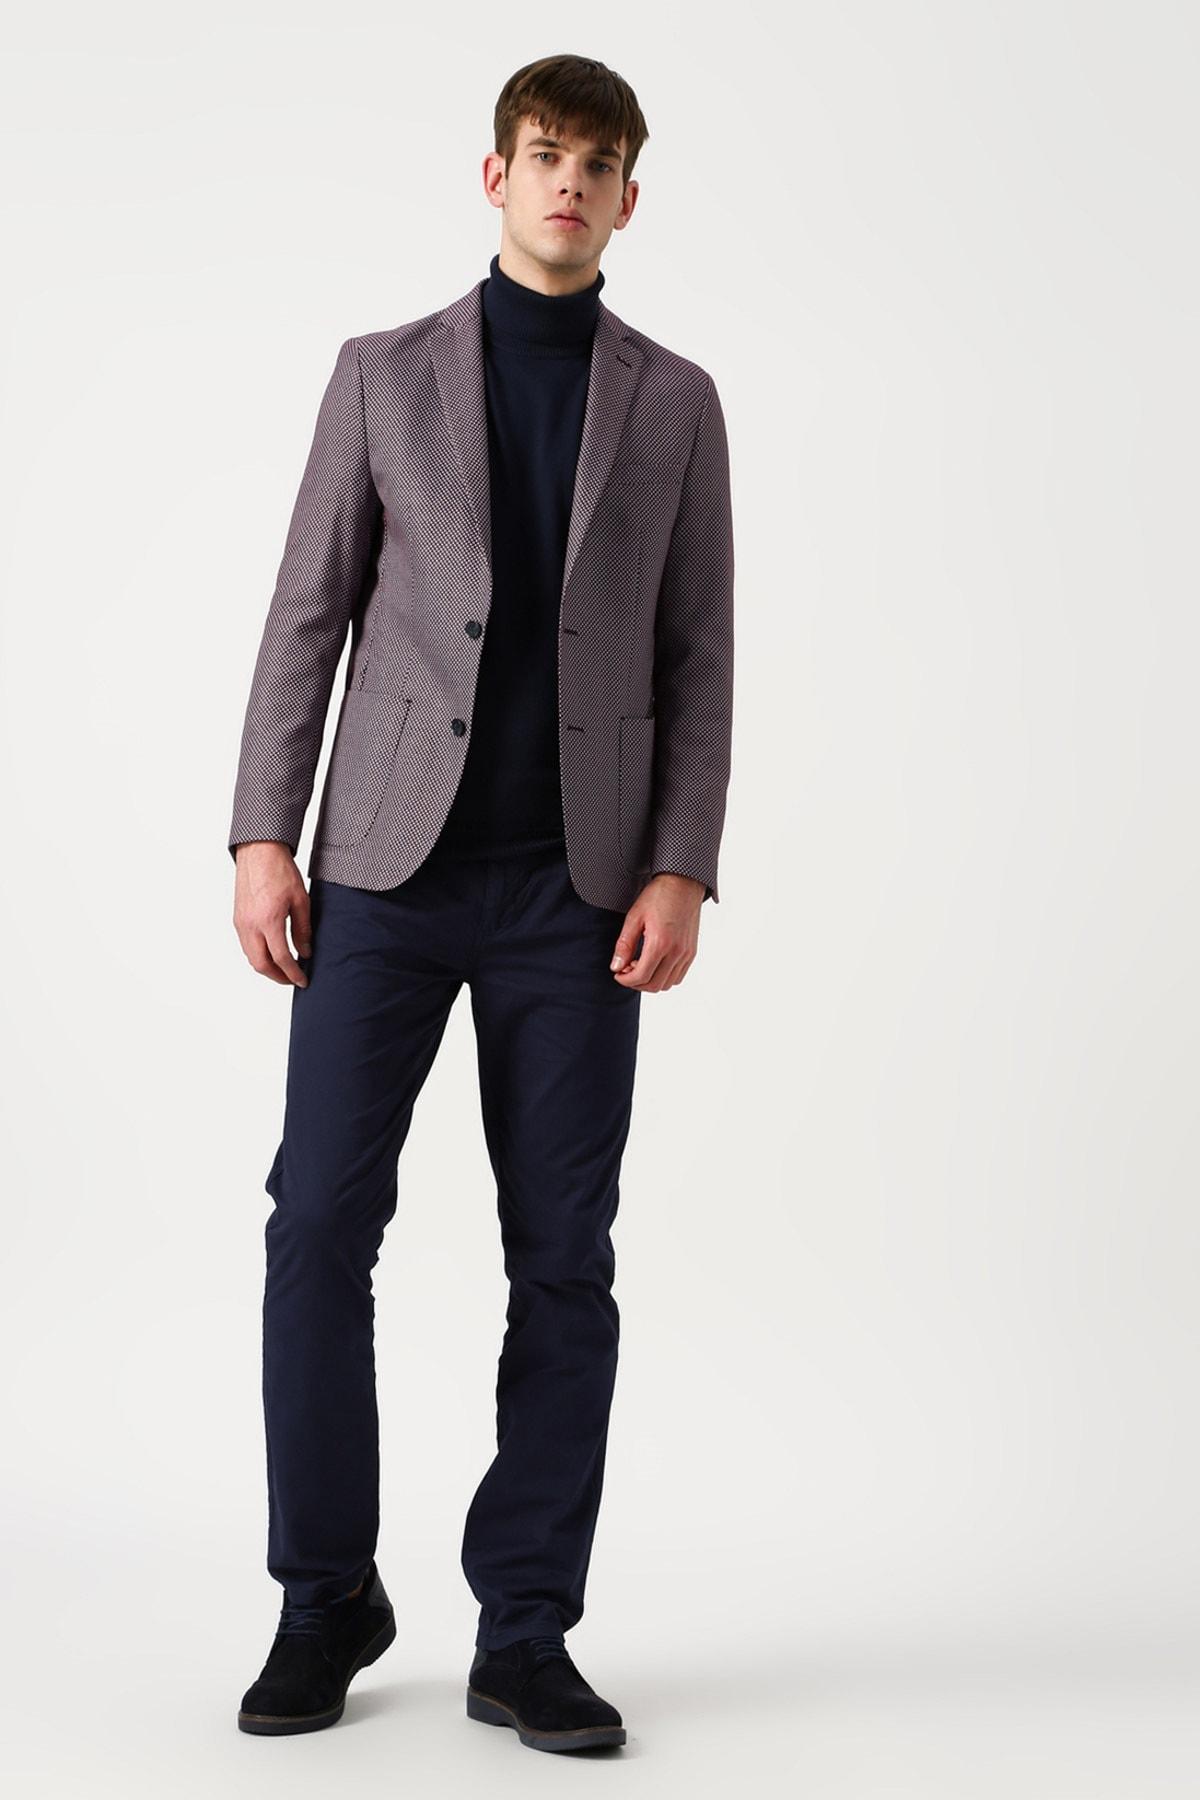 LİMON COMPANY Klasik Pantolon 1